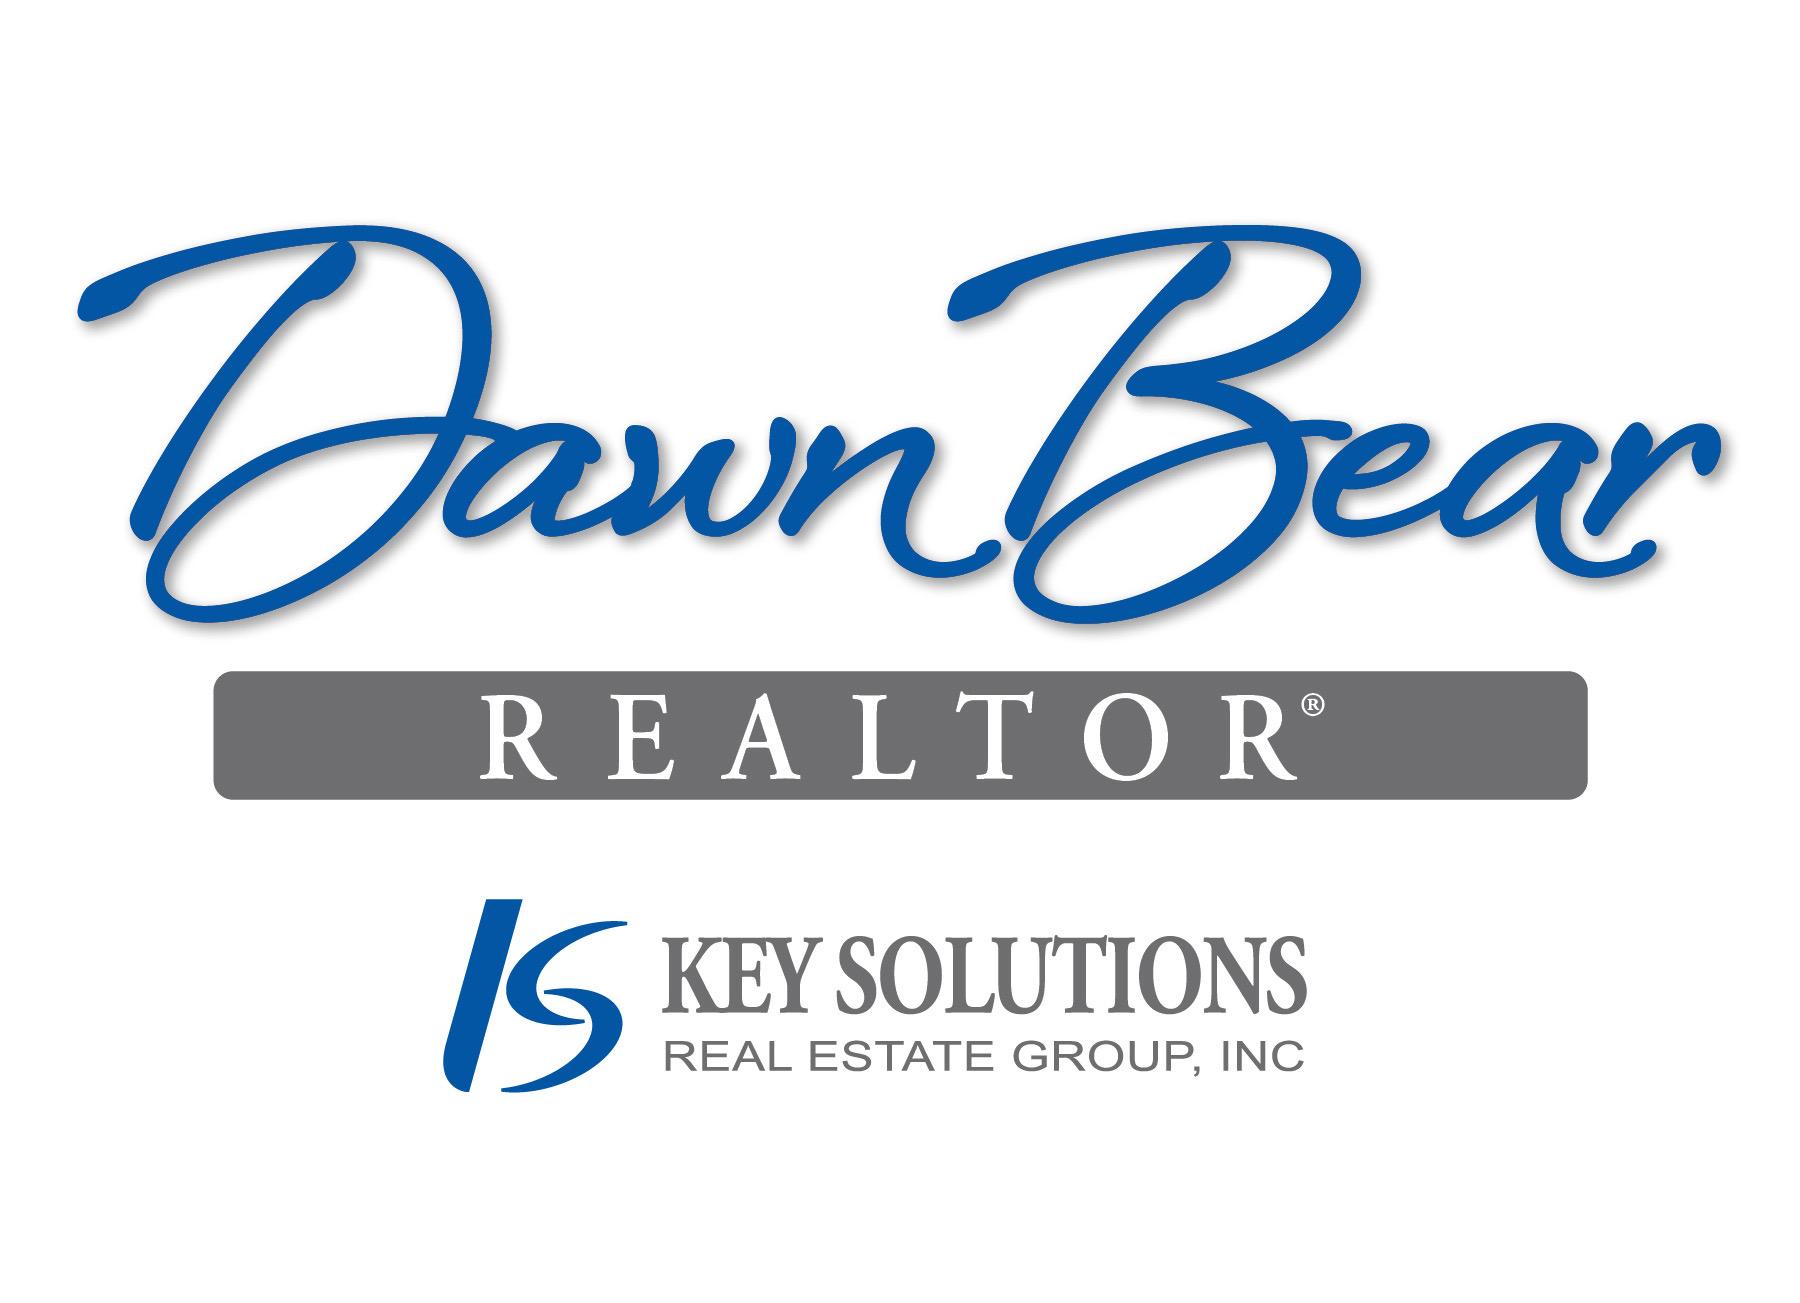 Siesta Key Realtor Dawn Bear